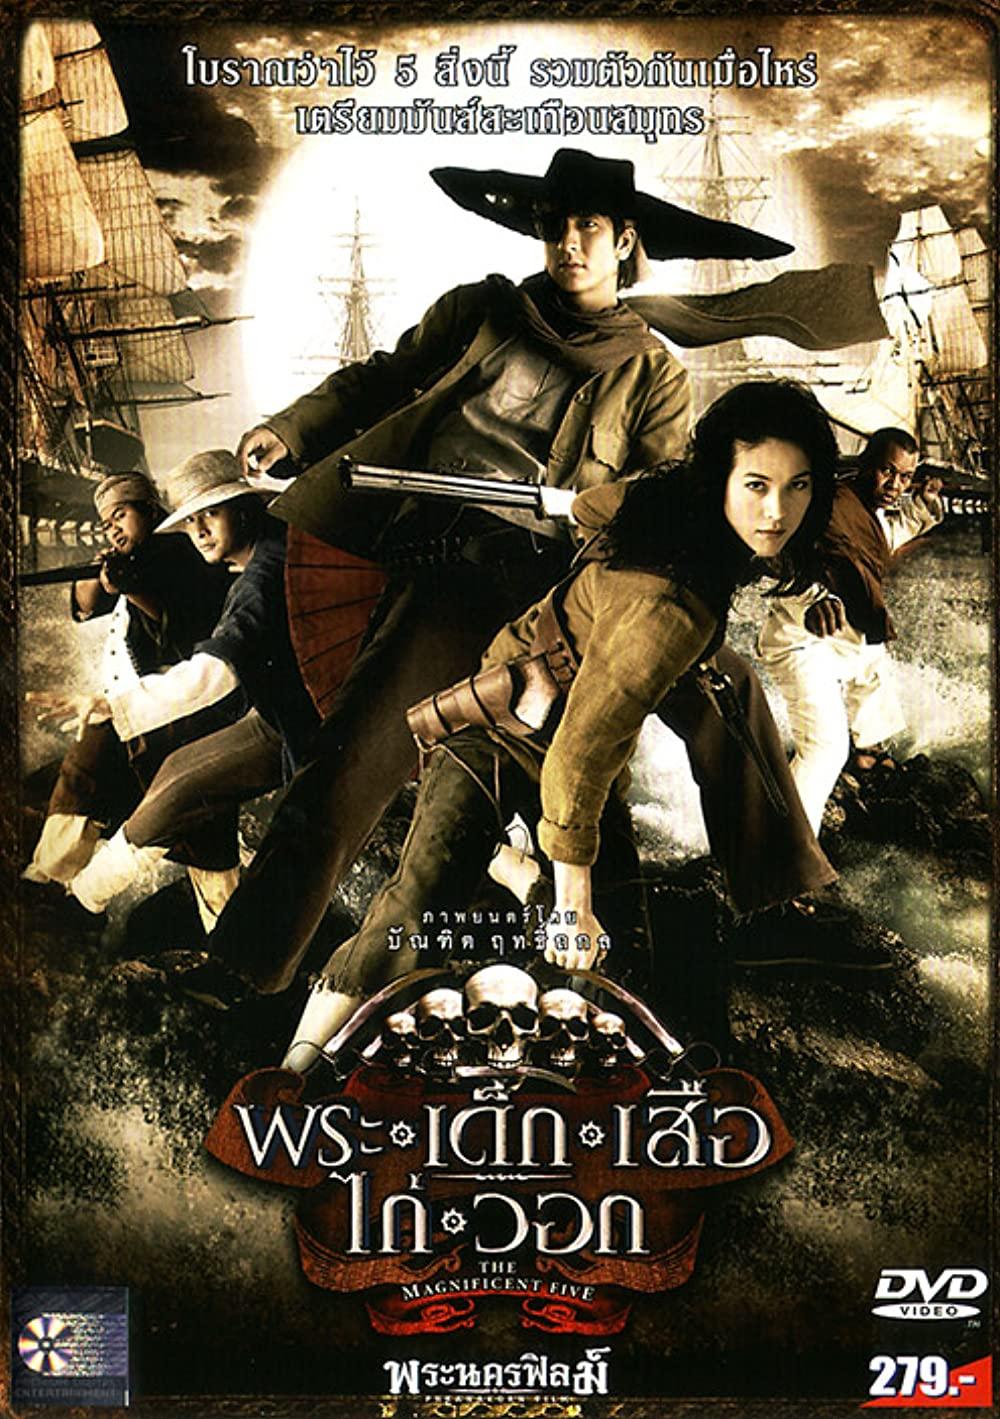 ดูหนัง Phra-dek-seua-kai-wawk (2006) พระ เด็ก เสือ ไก่ วอก